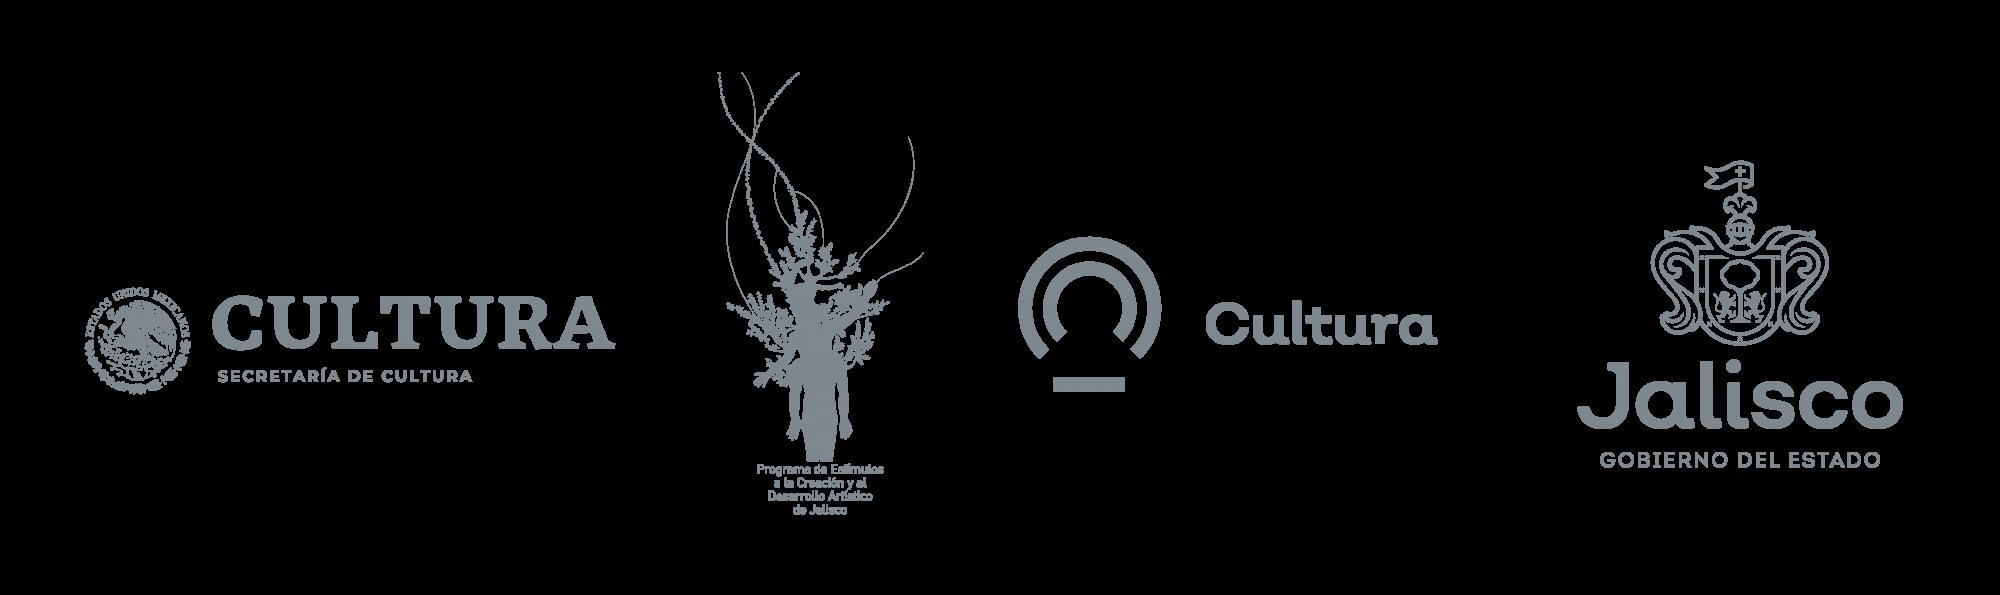 Secretaría de Cultura, PECDA, Cultura Jalisco, Gobierno de Jalisco